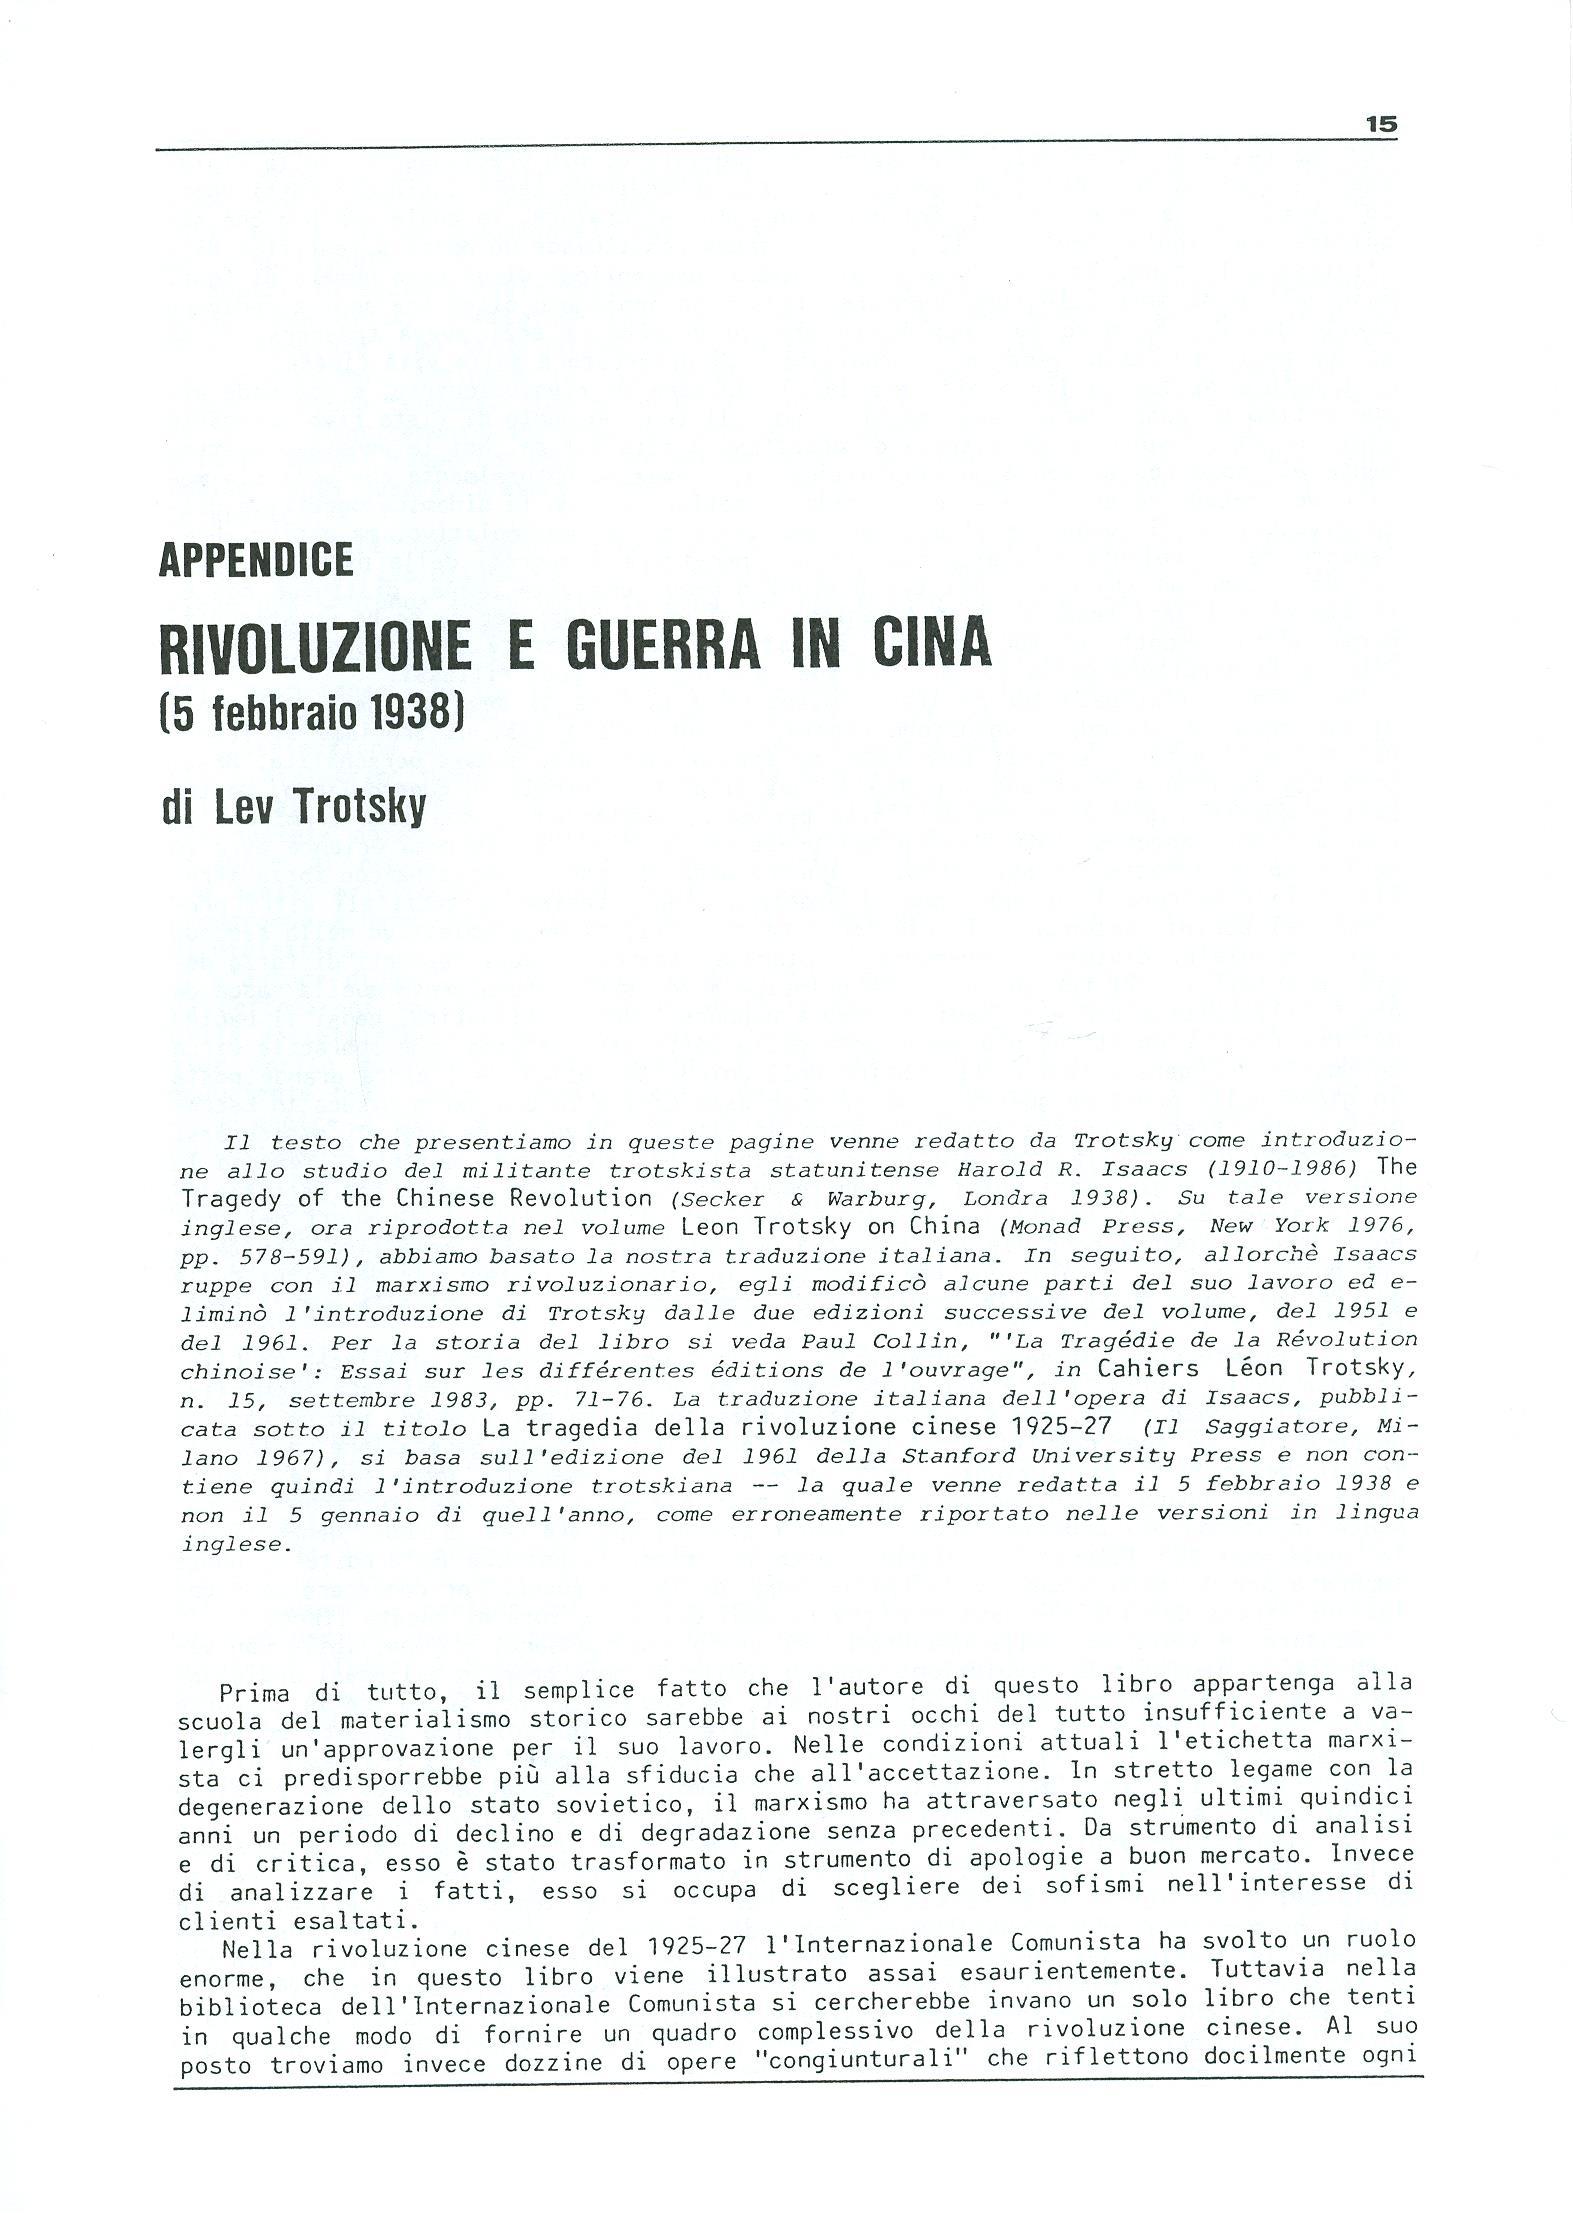 Studi e Ricerche n. 18 (aprile 1990) - pag. 15